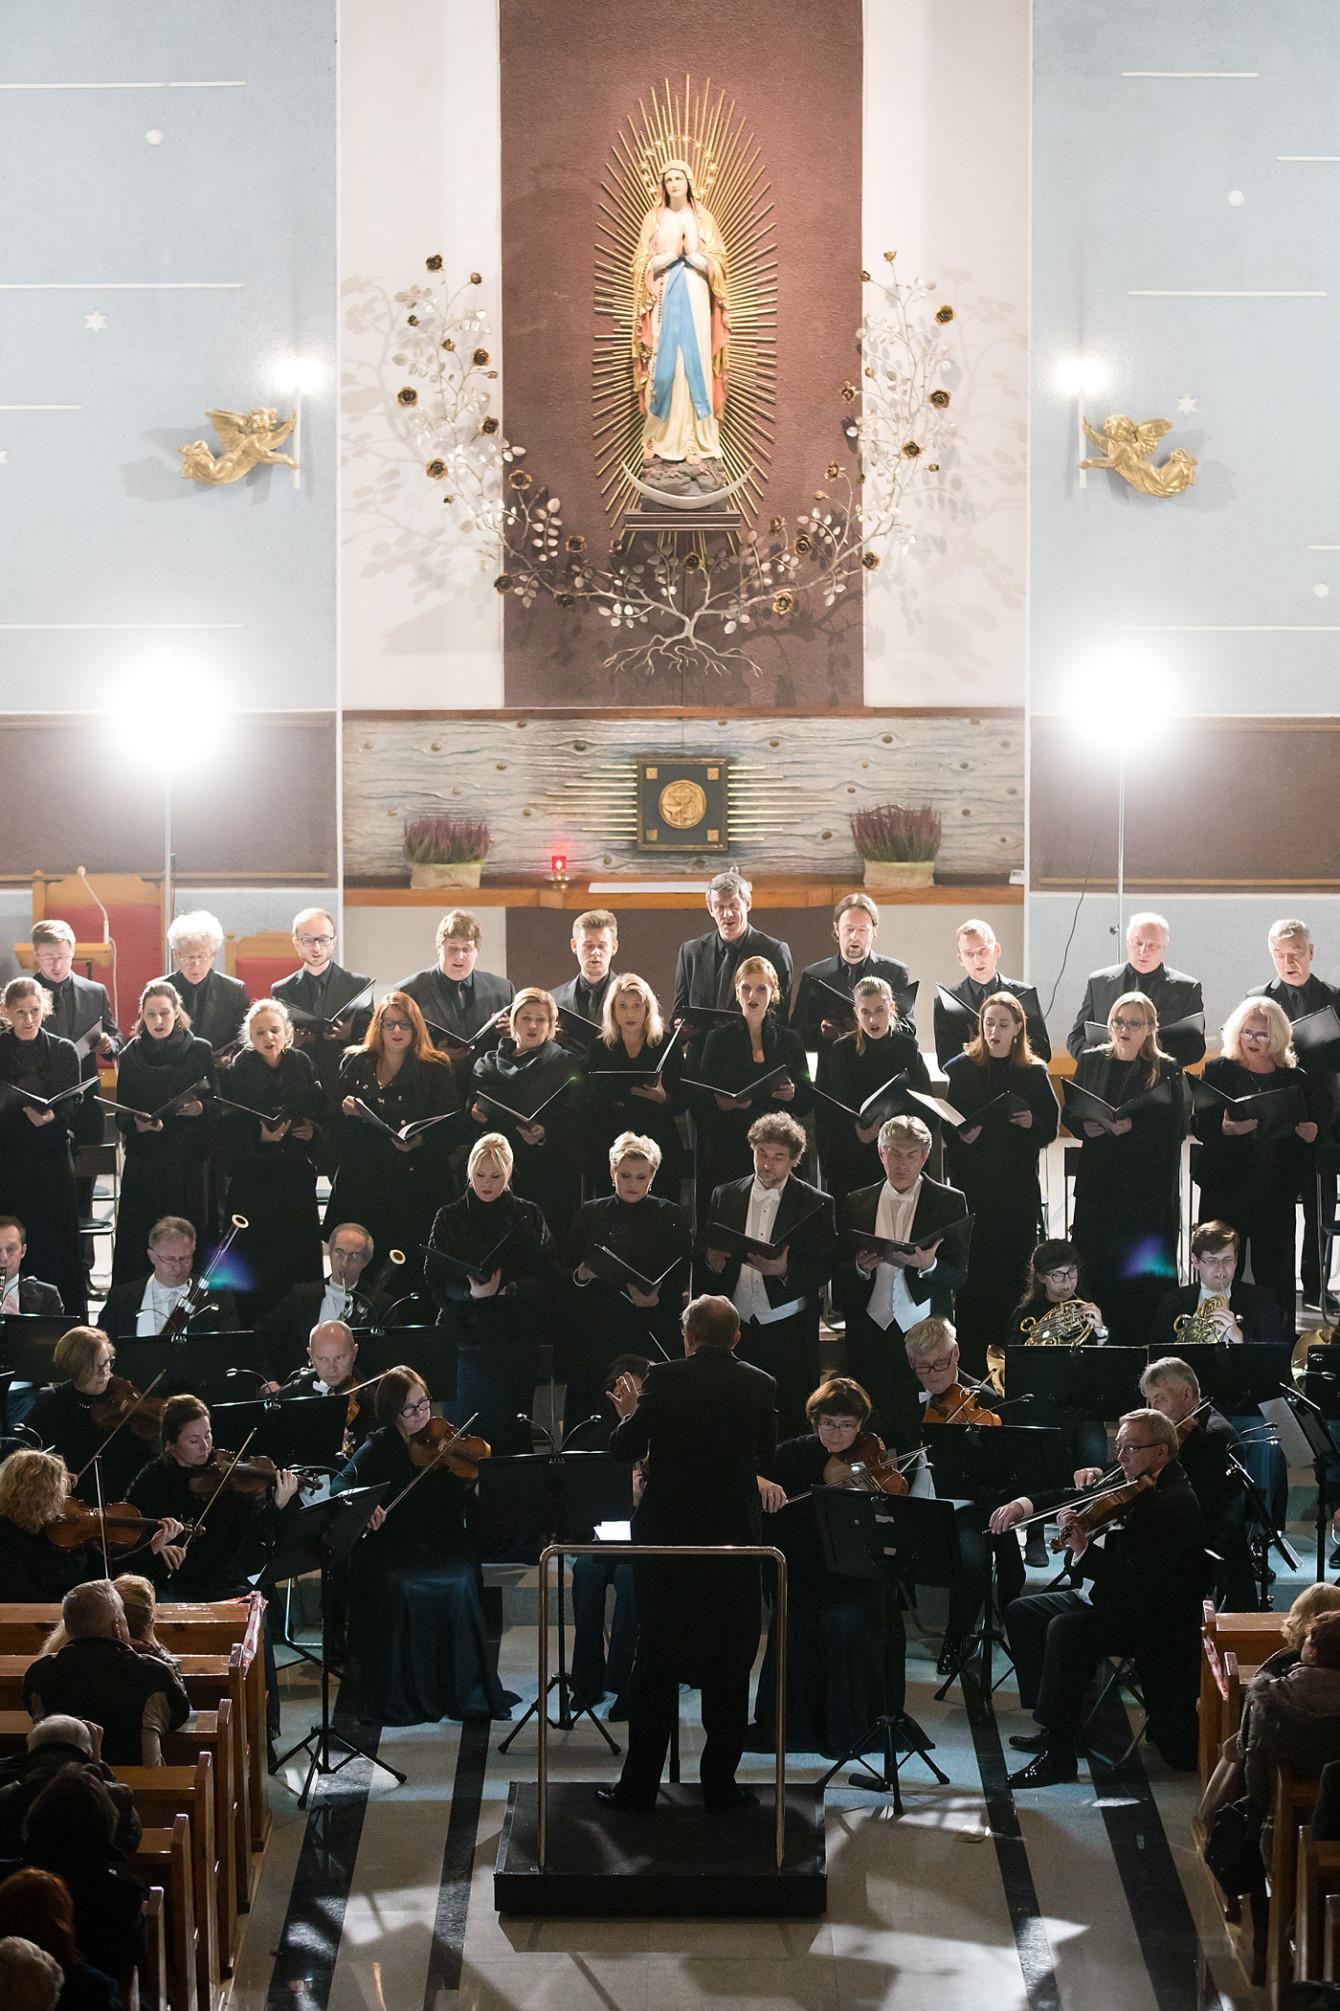 KONCERT MUZYKI SAKRALNEJ STANISŁAWA MONIUSZKI / 16.11.2019 Fot. Maciej Czerski